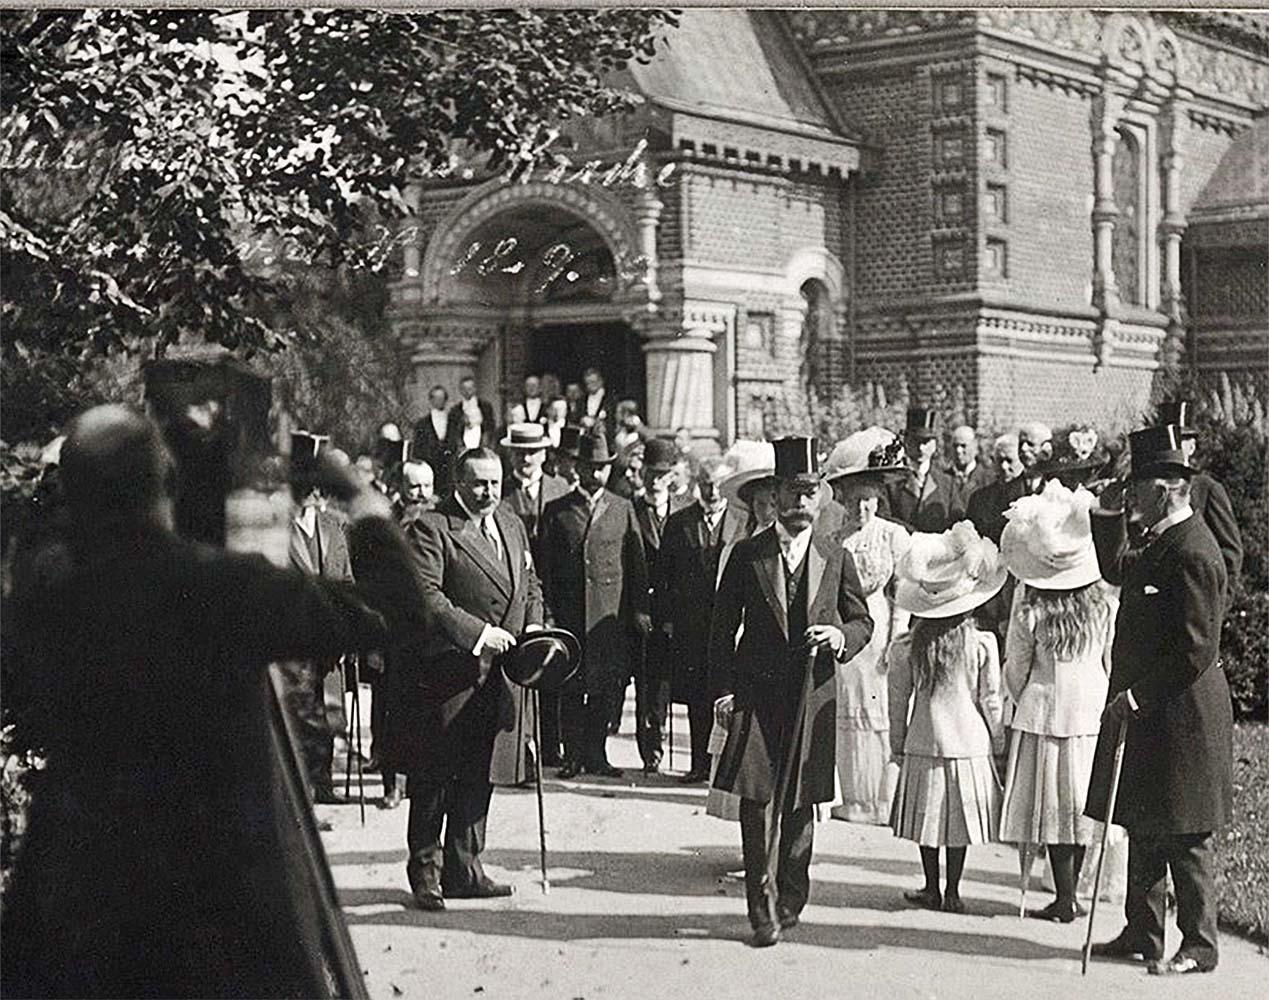 Николай II, царь, в городе Бад-Гомбург, 18 сентября 1910 года. Царь вышел из  православной Церкви Всех Святых